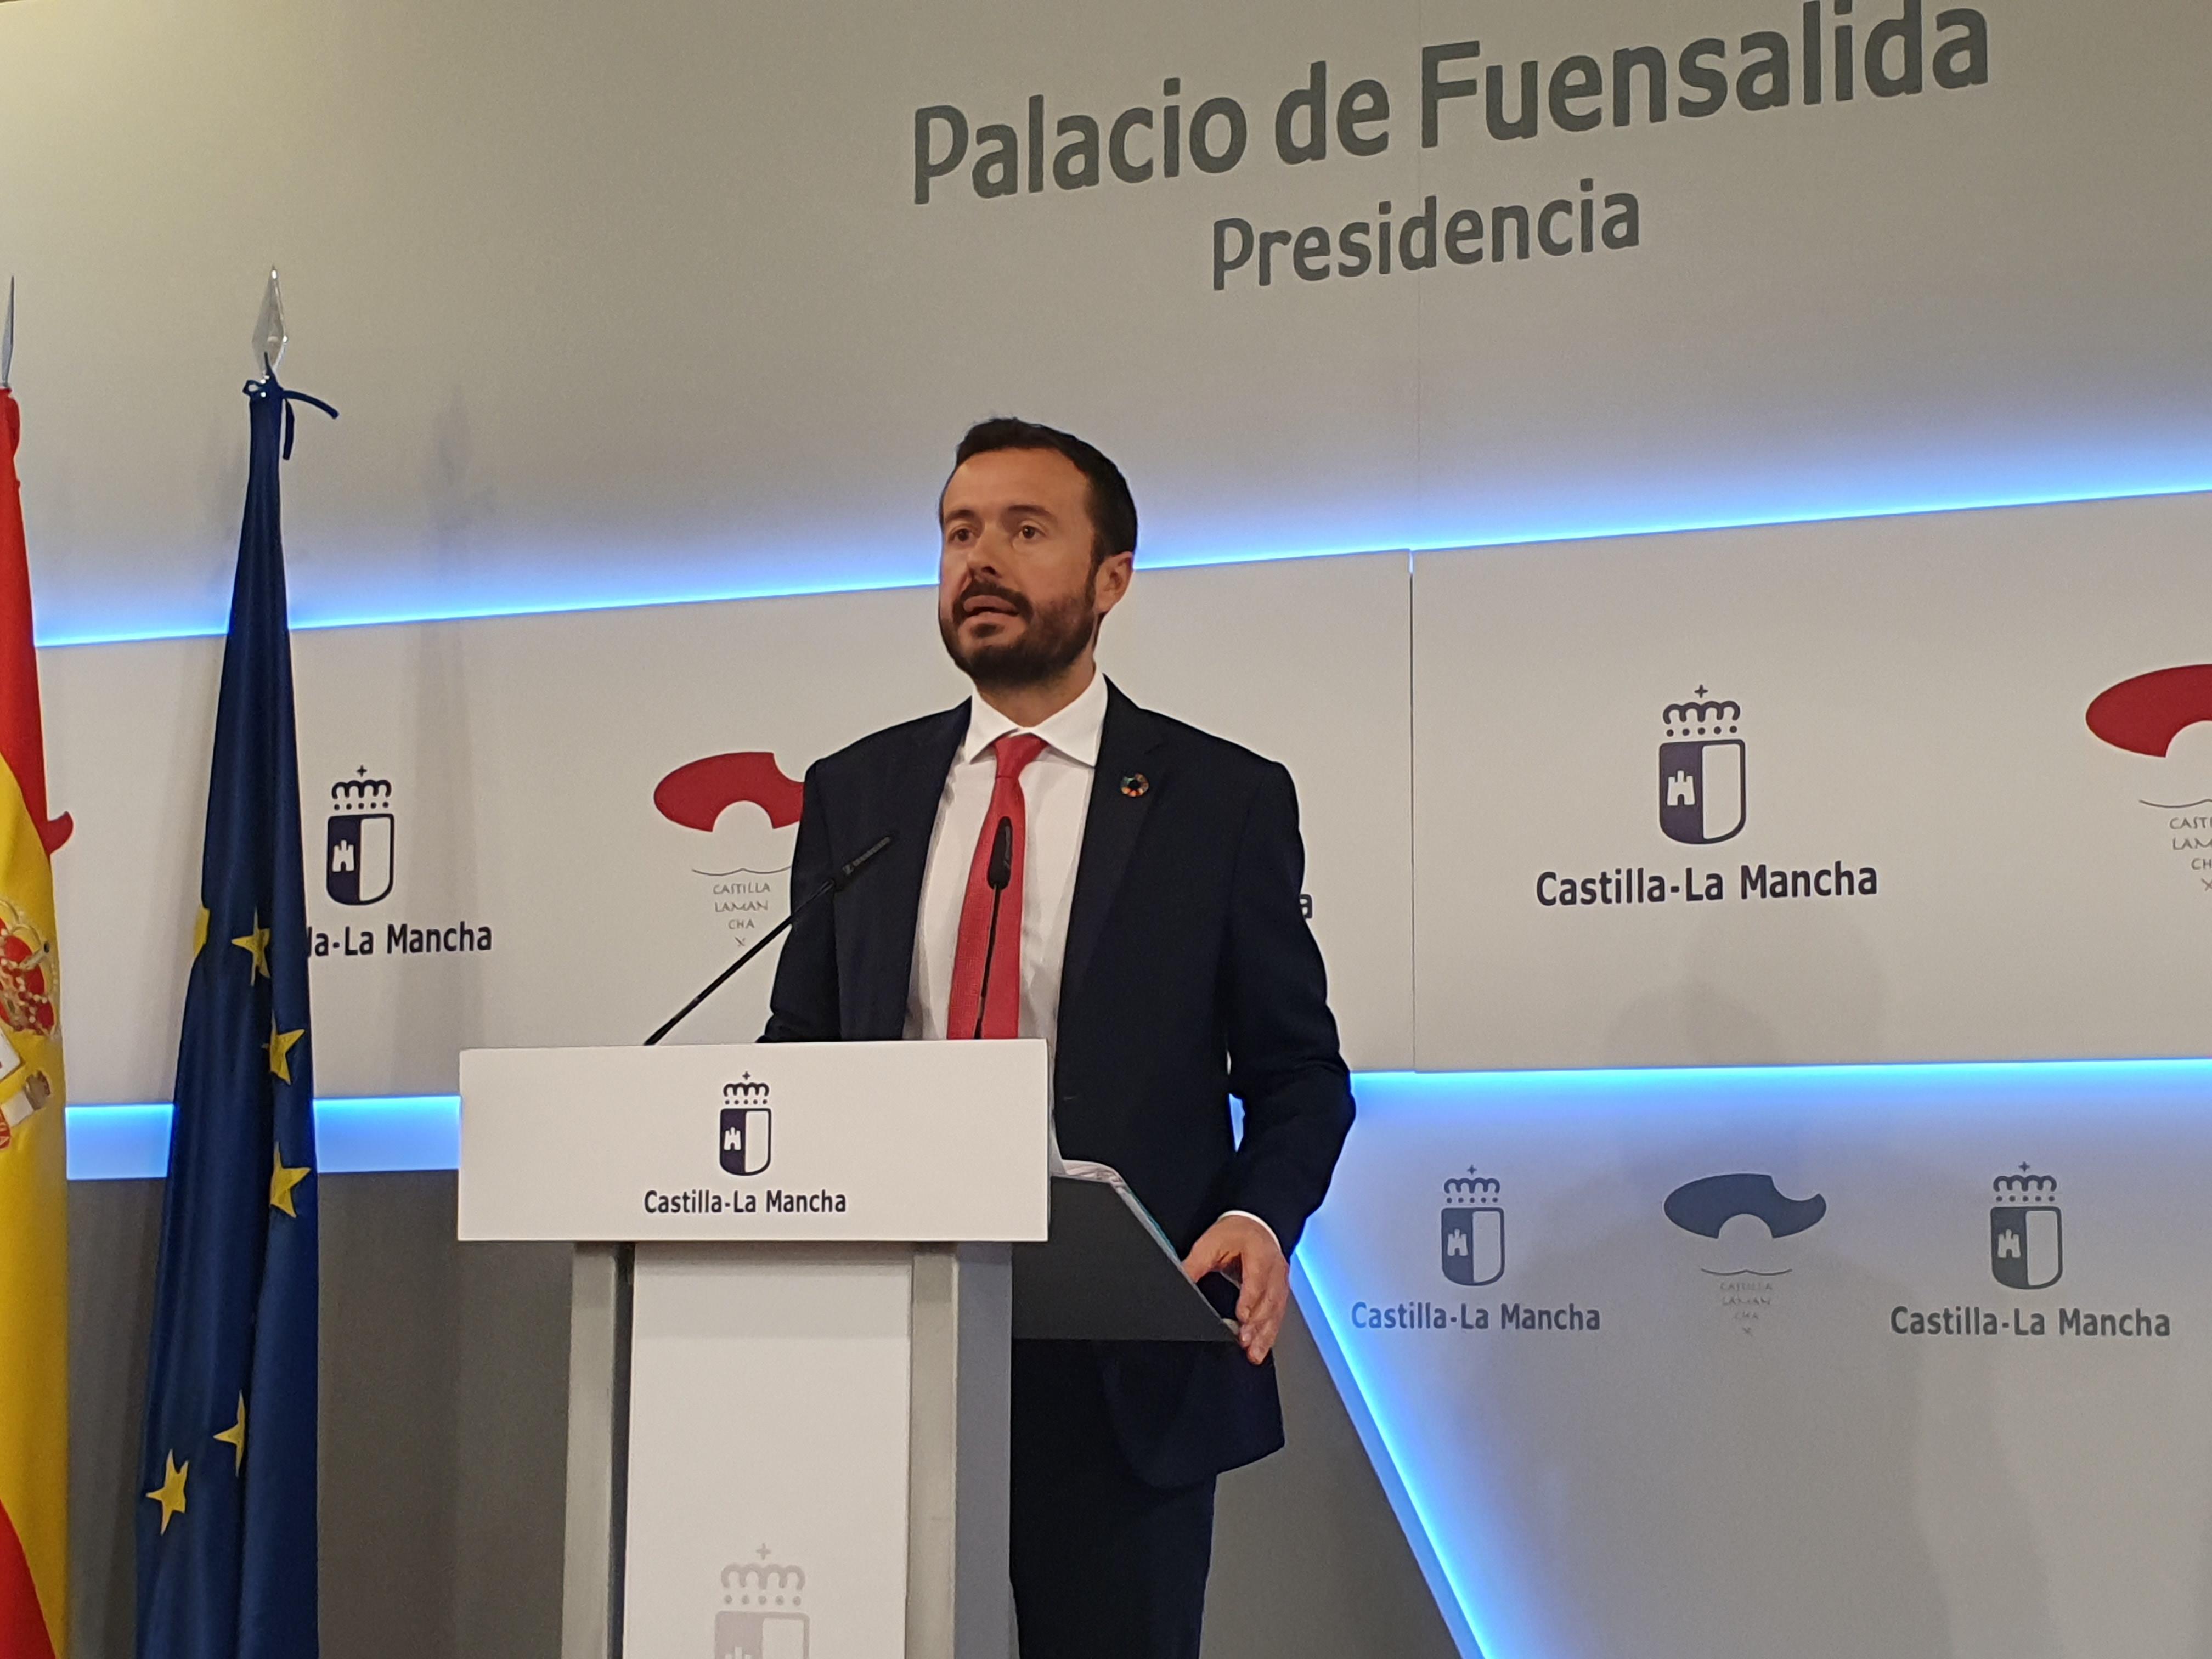 El Gobierno de Castilla-La Mancha agradece a las operadoras de telecomunicaciones que garanticen las conexiones durante el Estado de Alarma